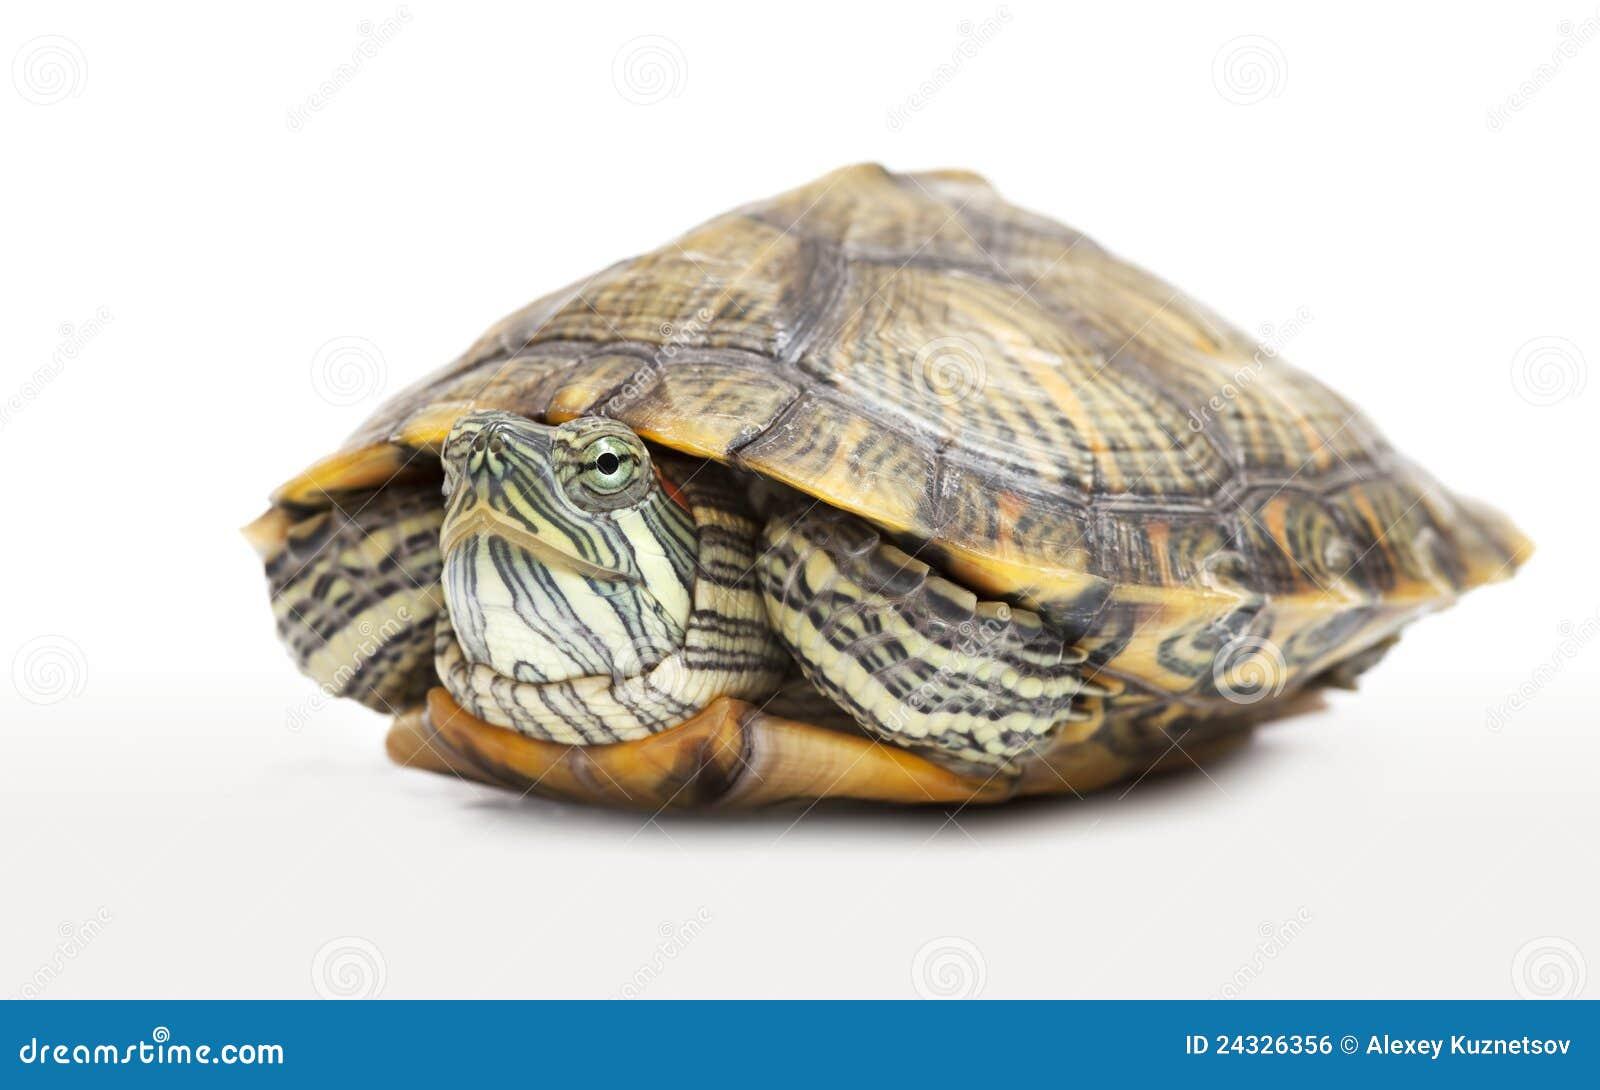 Ritratto di una tartaruga d 39 acqua dolce fotografia stock for Tartaruga acqua dolce razze